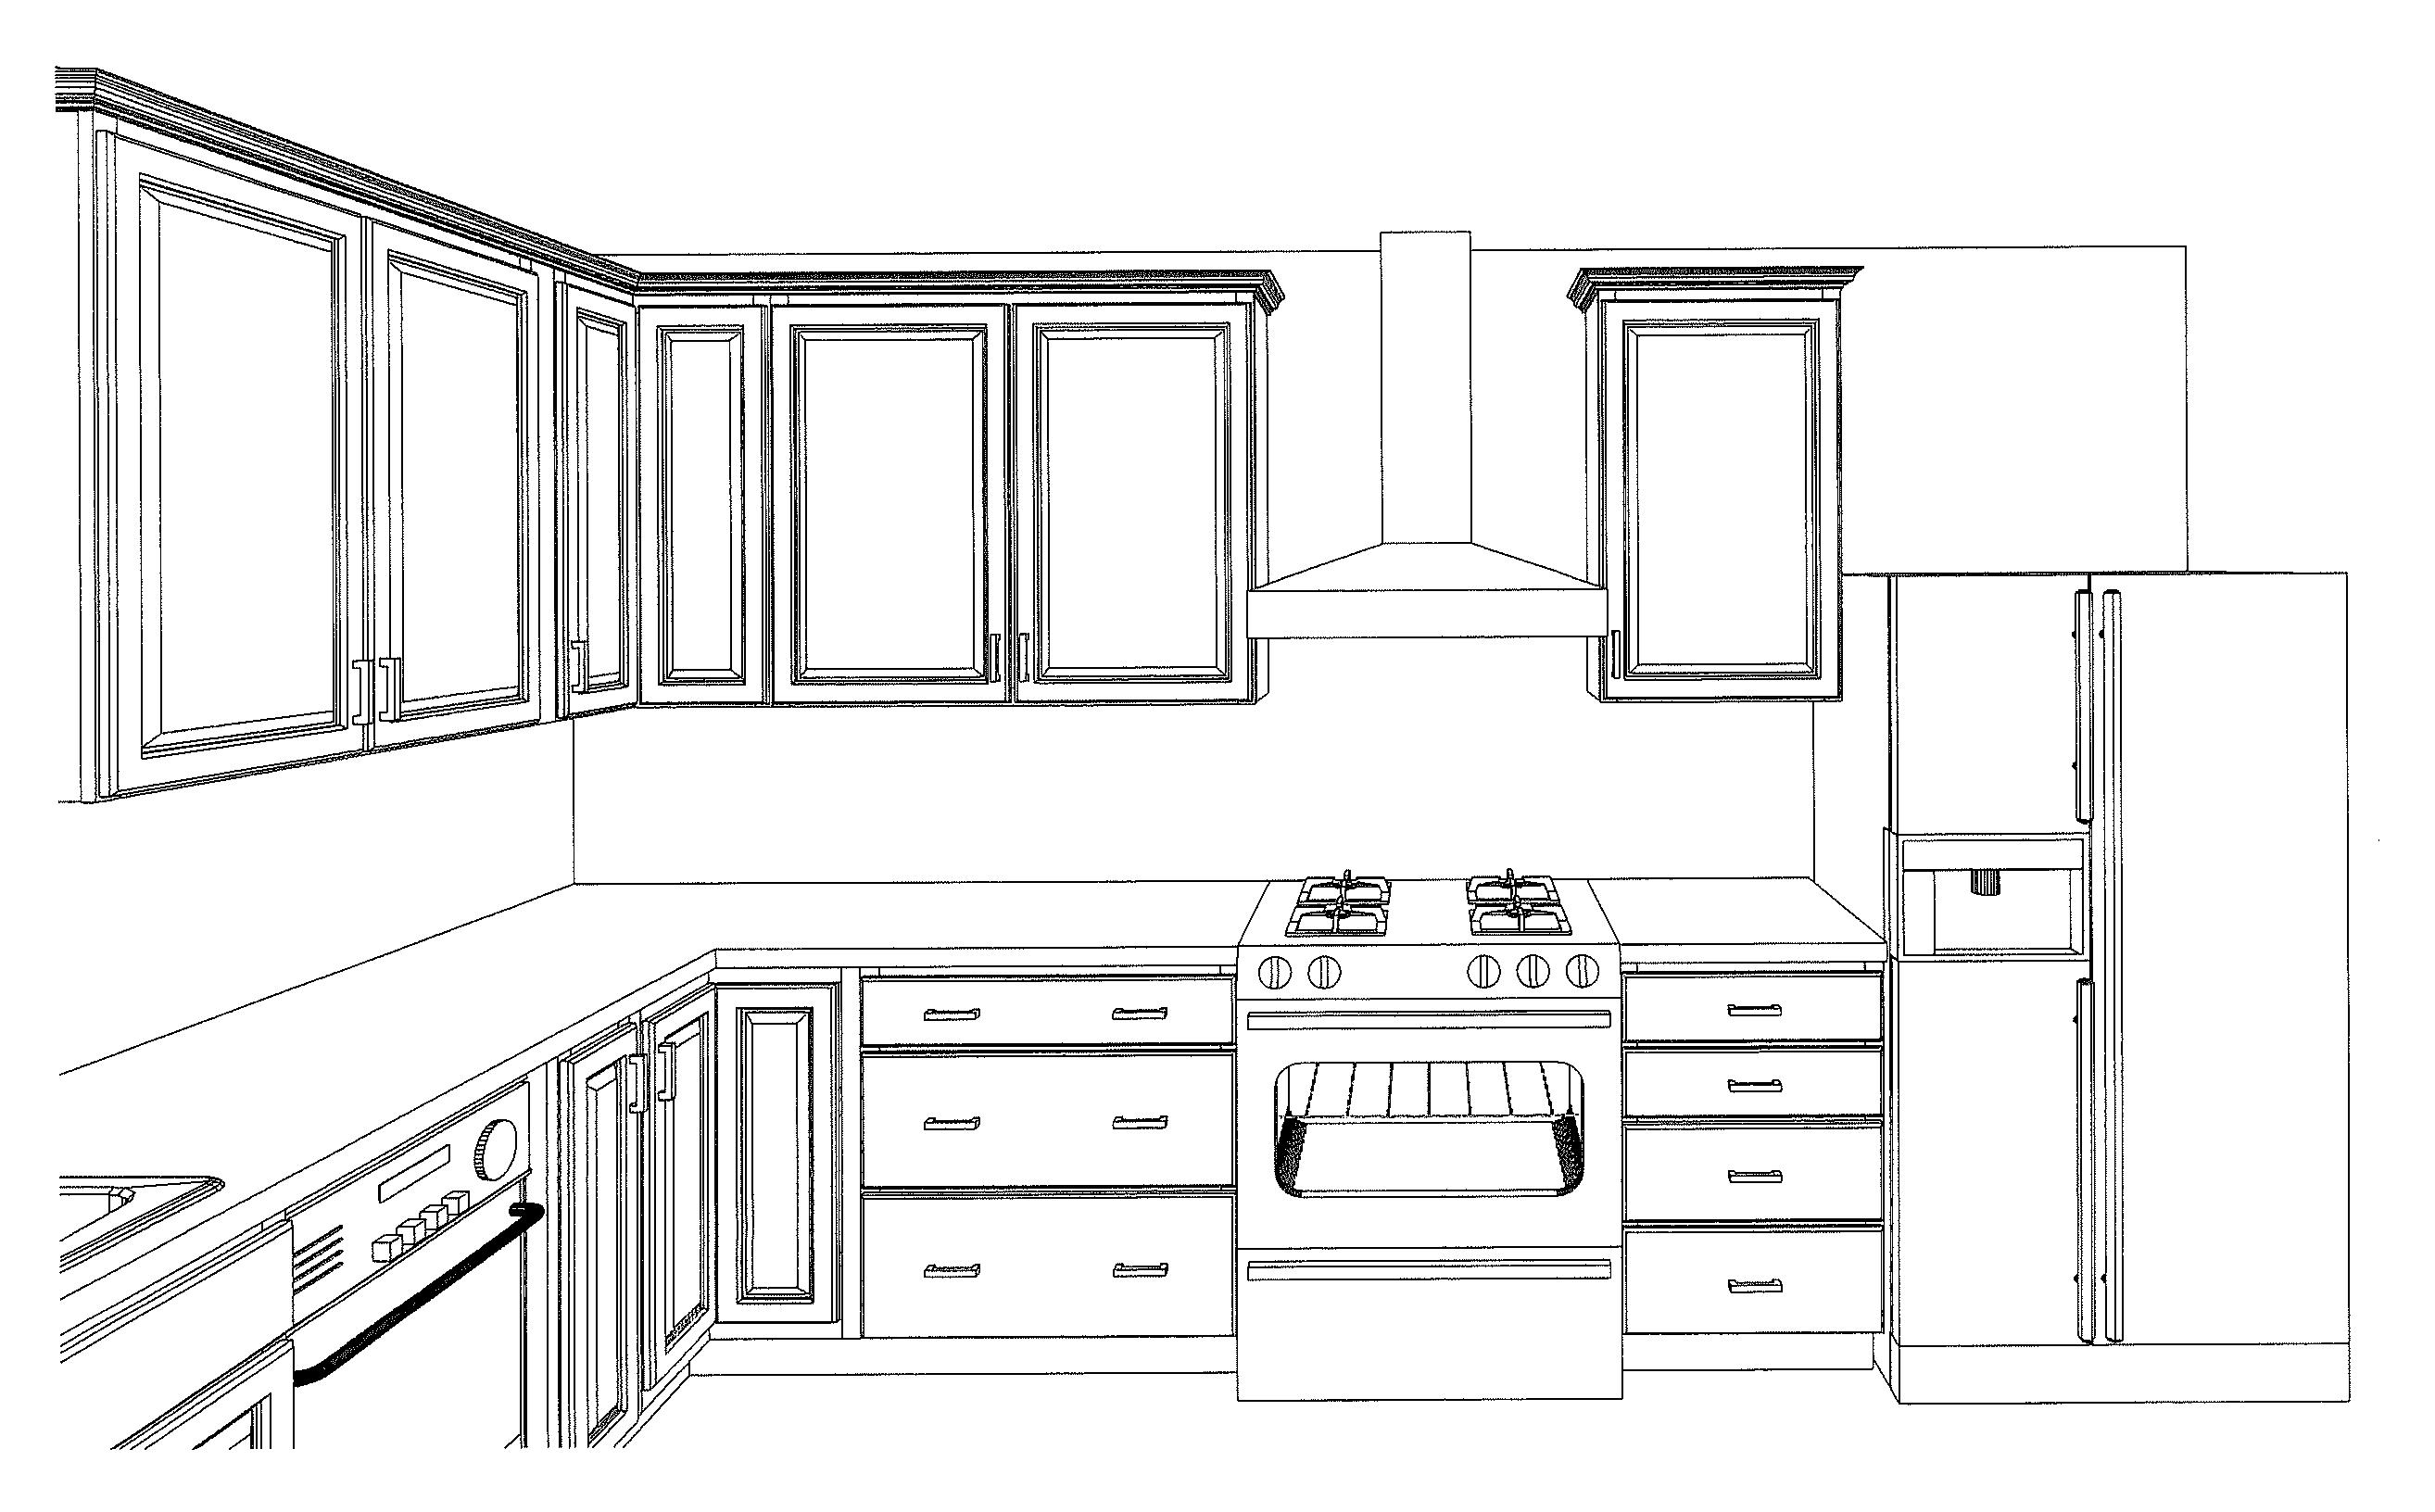 kitchen display sale kitchen 5 williams kitchen bath. Black Bedroom Furniture Sets. Home Design Ideas